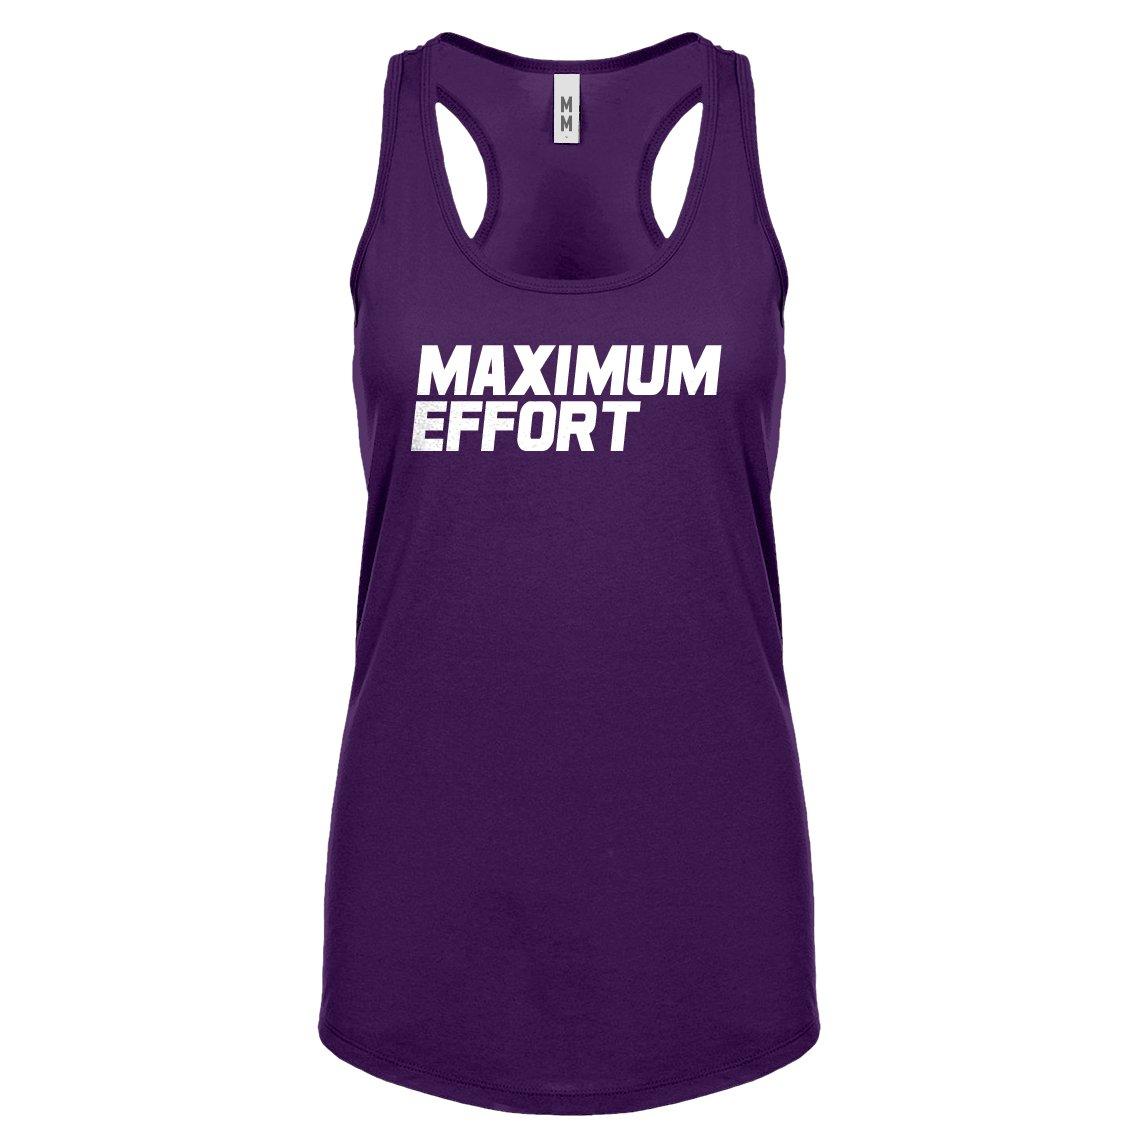 Indica Plateau Womens Maximum Effort Racerback Tank Top